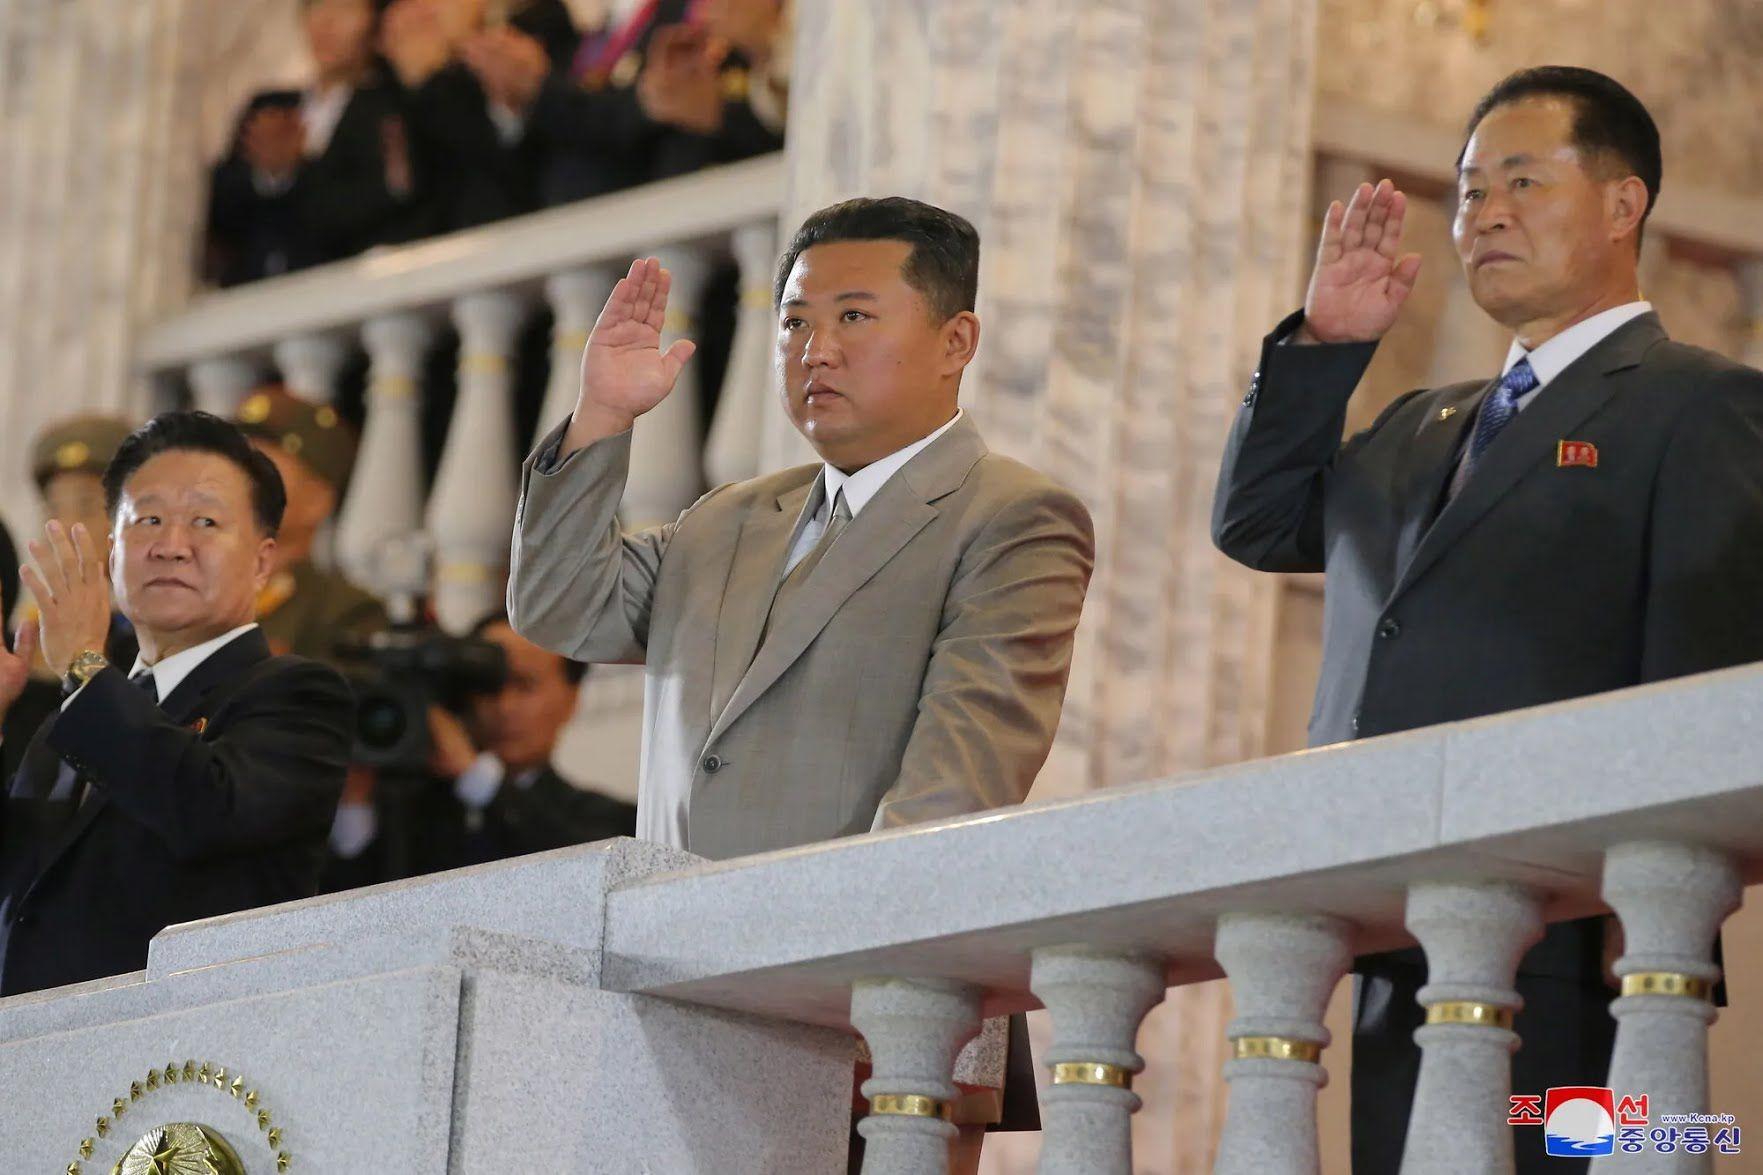 Ким Чен Ын выглядел похудевшим.